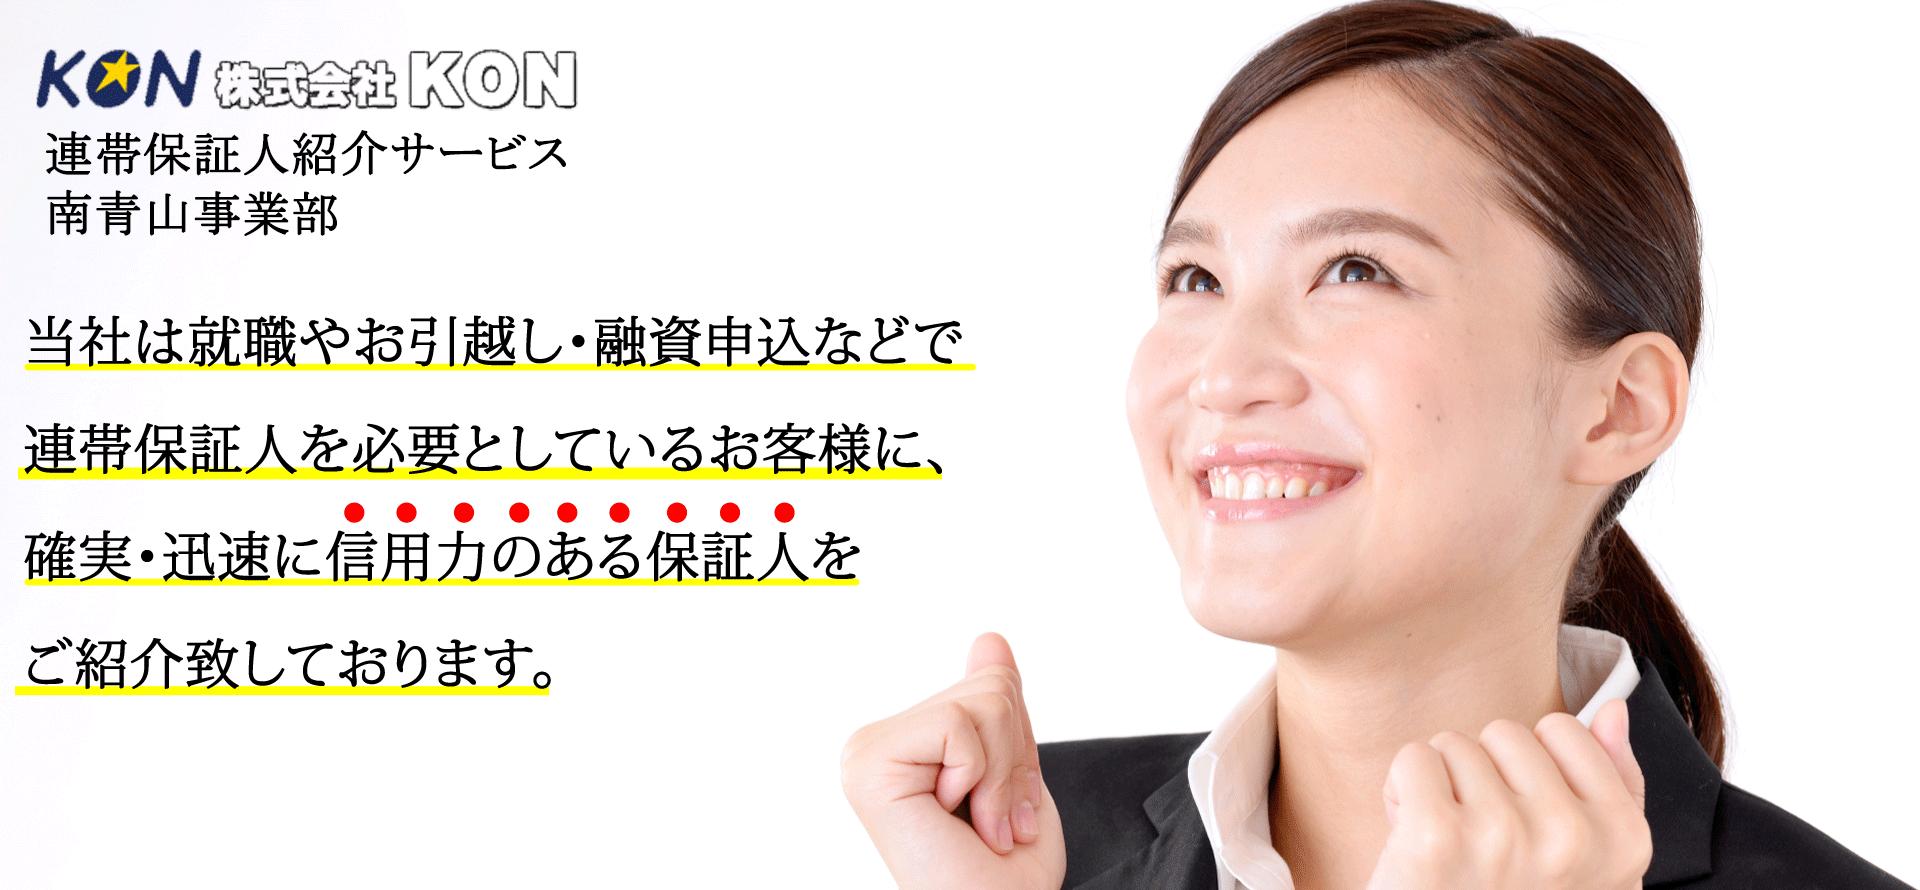 KON画像